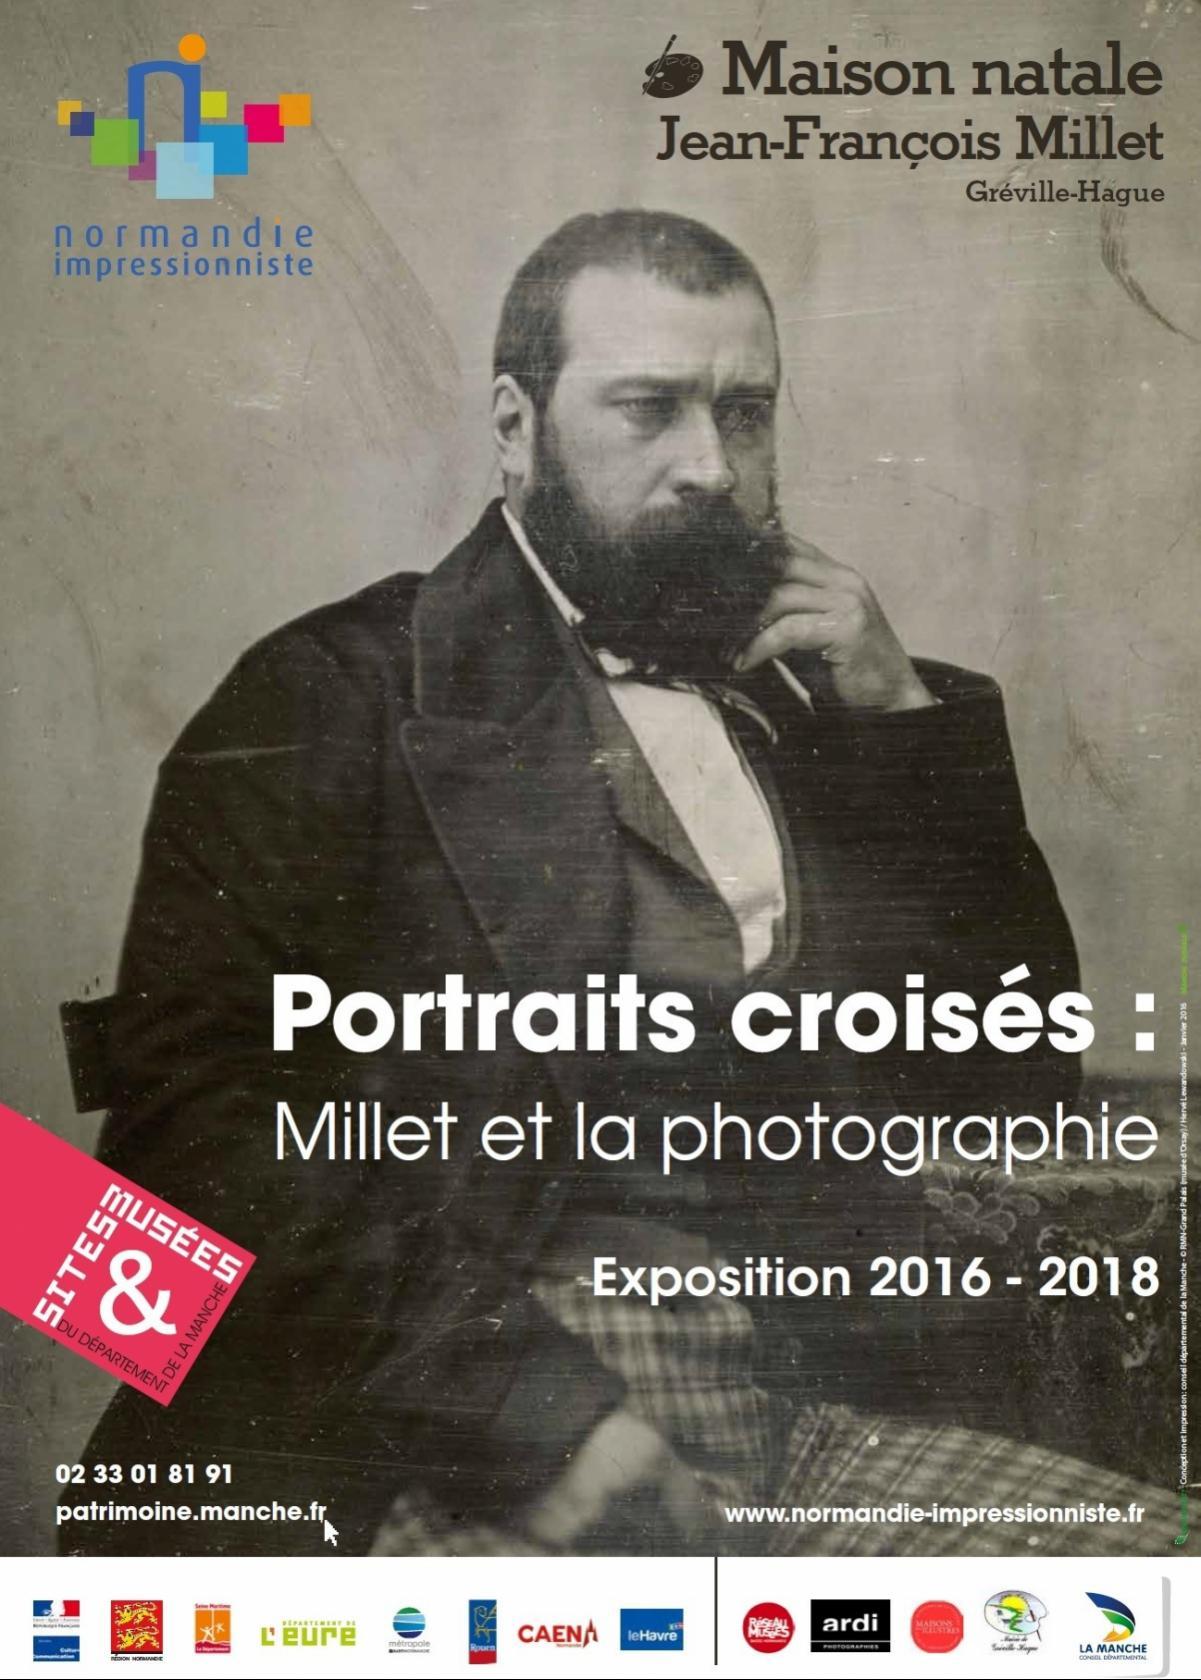 Portraits croisés Millet et la photographie Gréville-Hague